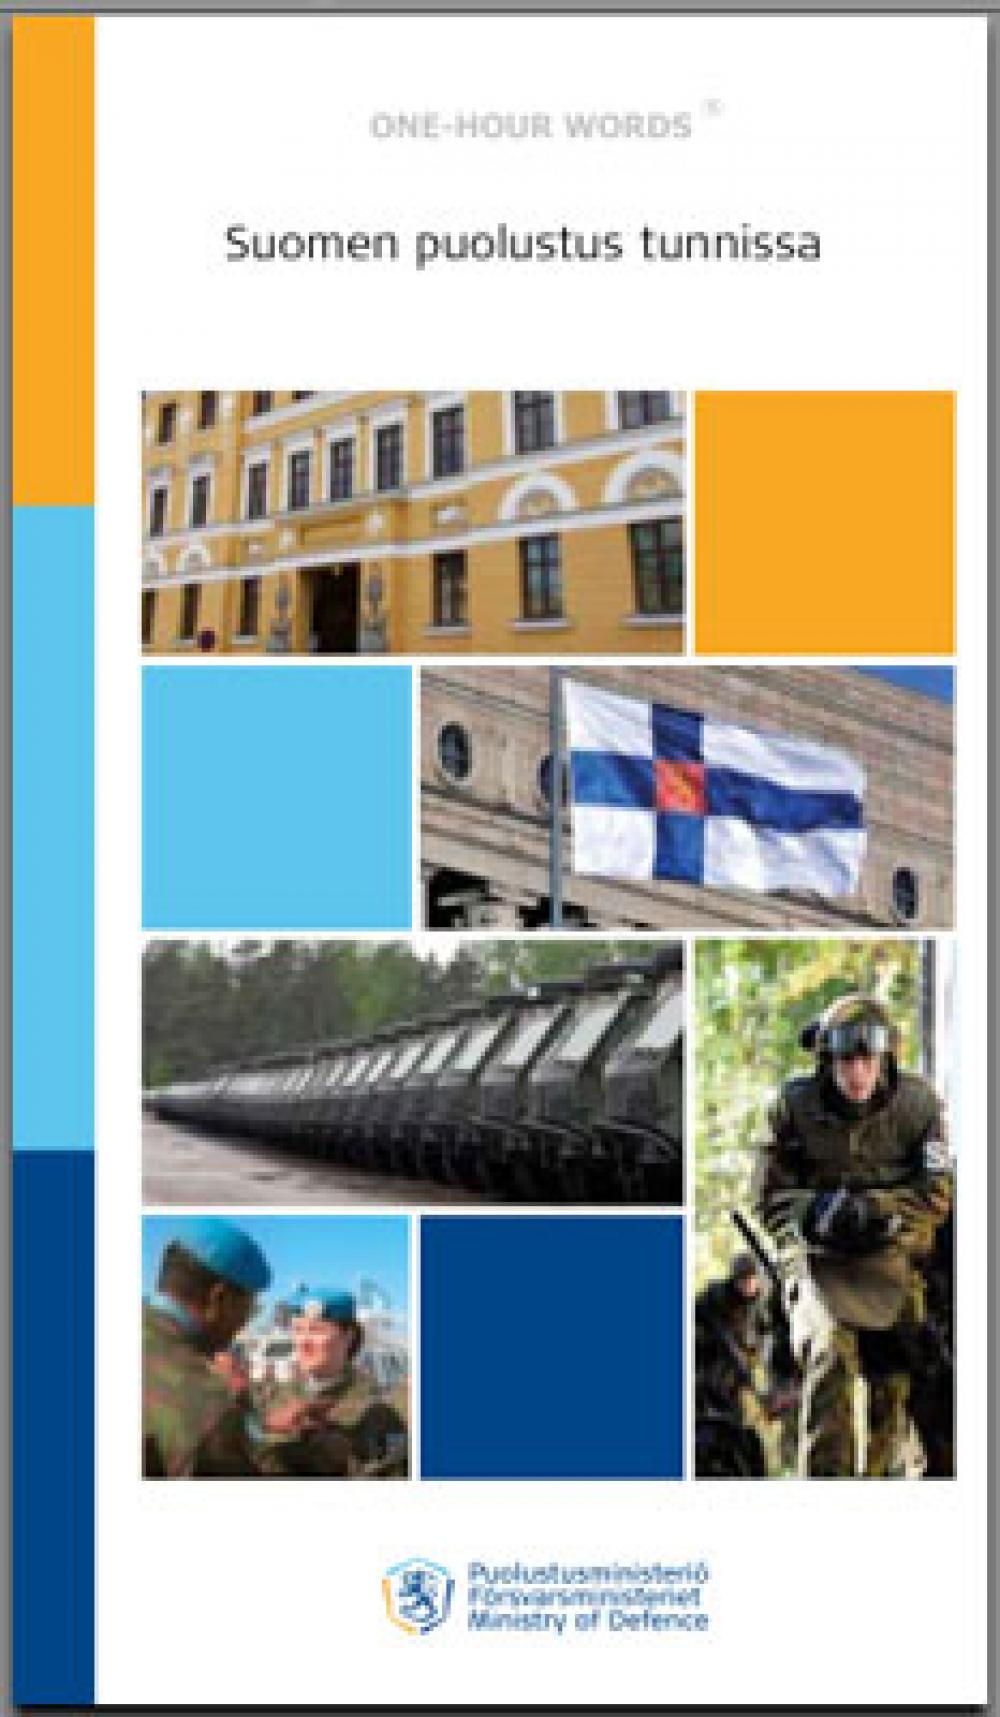 Suomen puolustus tunnissa.